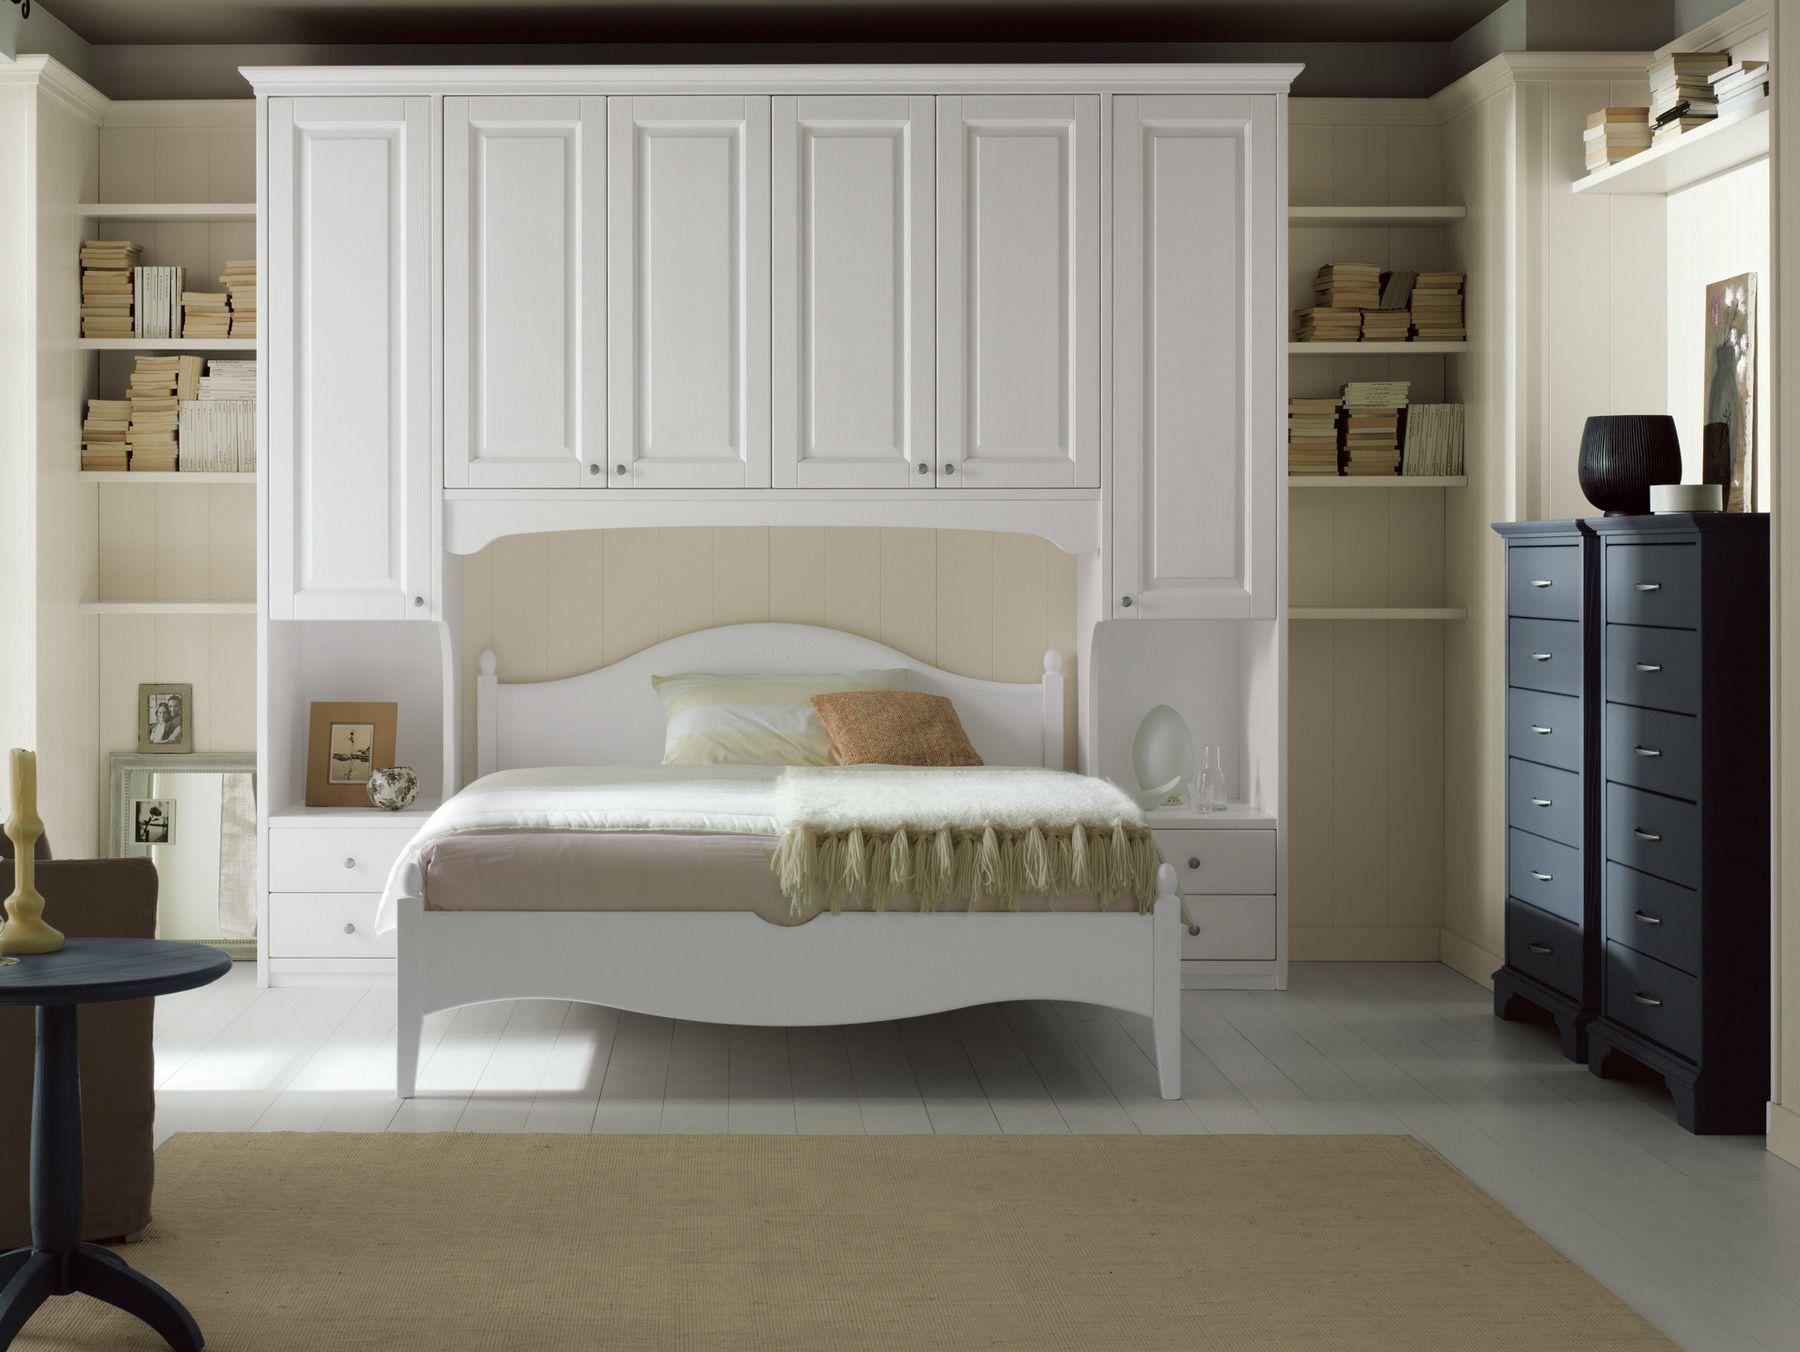 Camera da letto in abete NUOVO MONDO N10 by Scandola Mobili